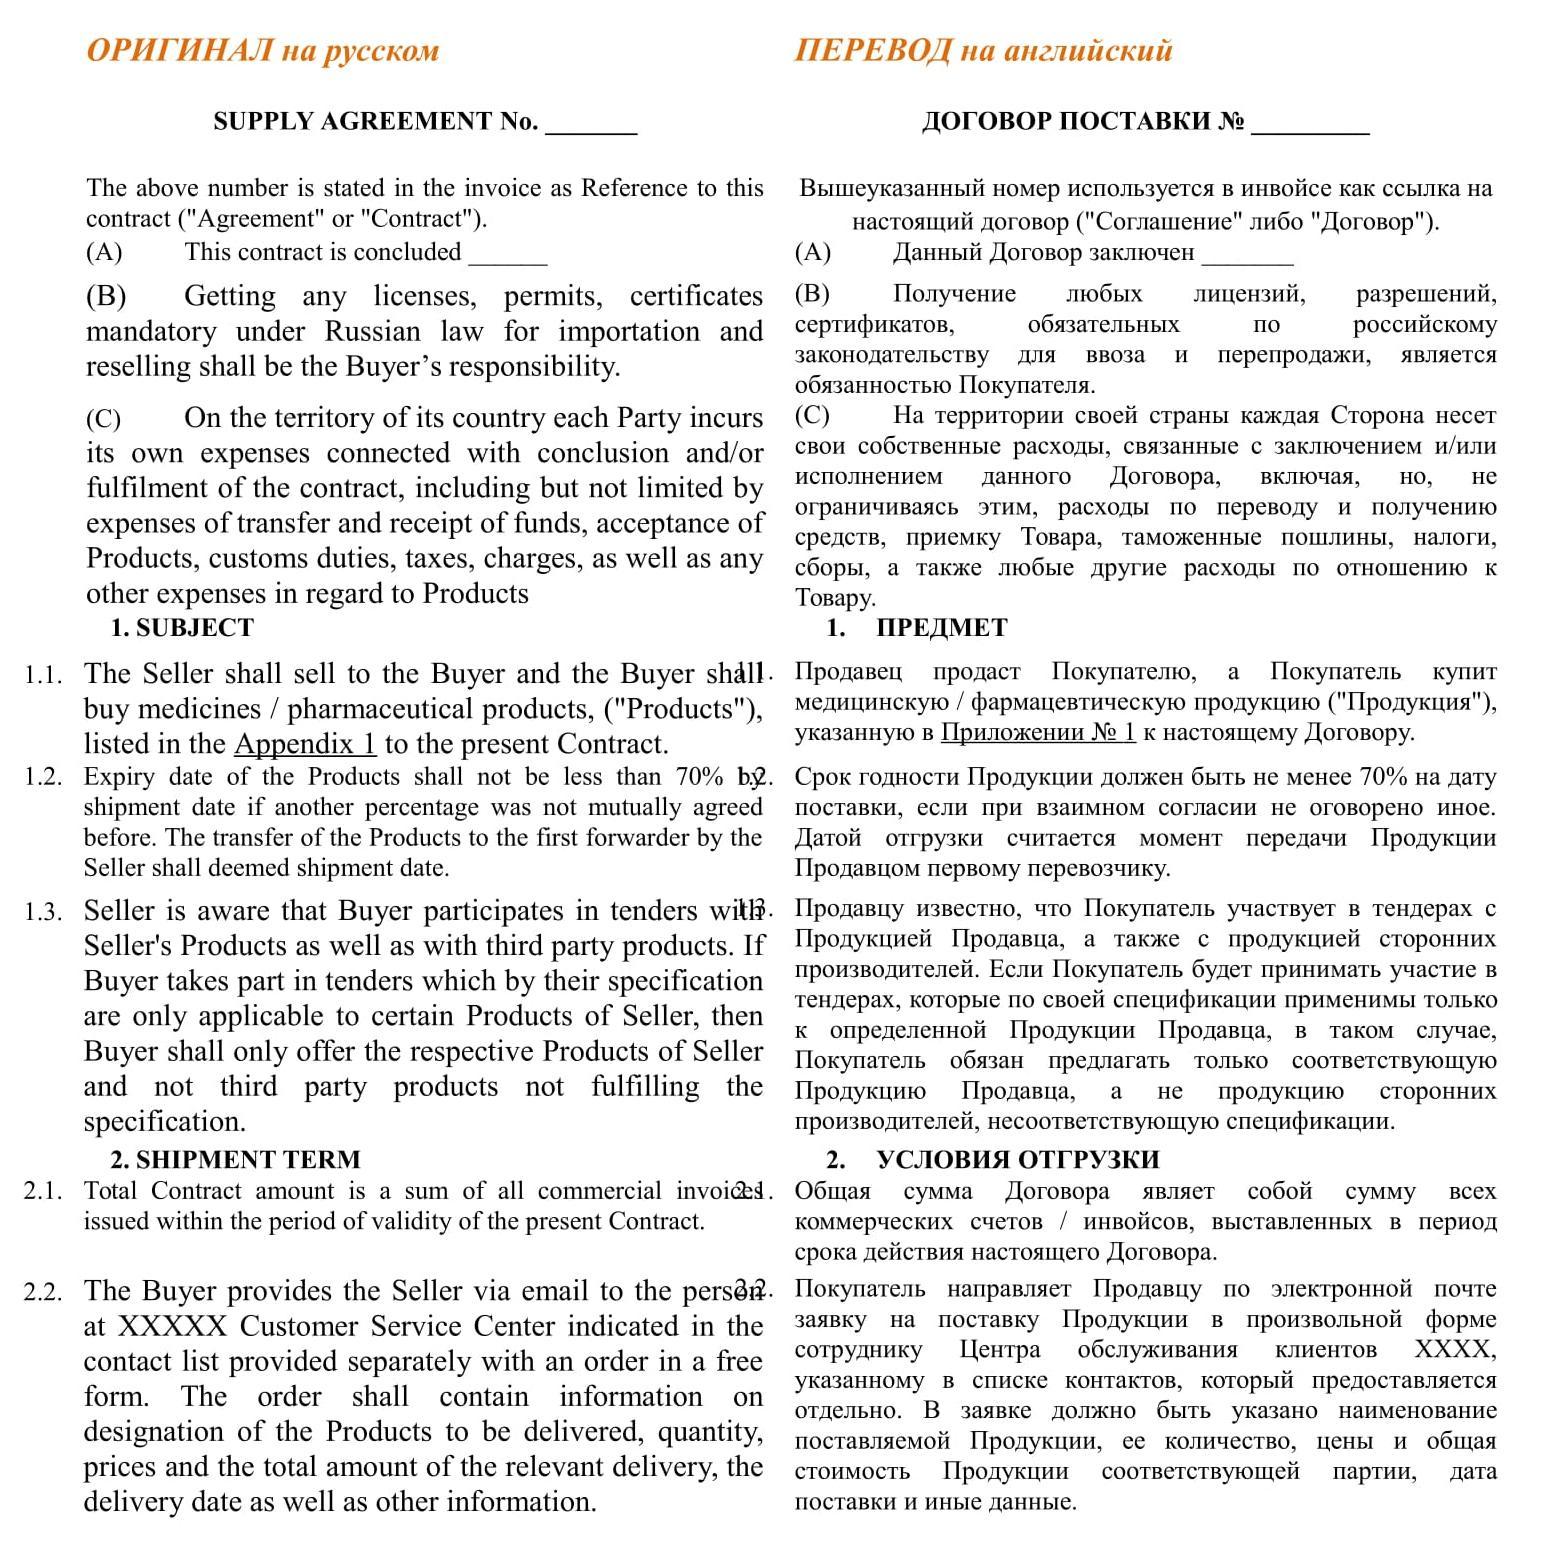 примеры технического перевода инструкций с английского на русский